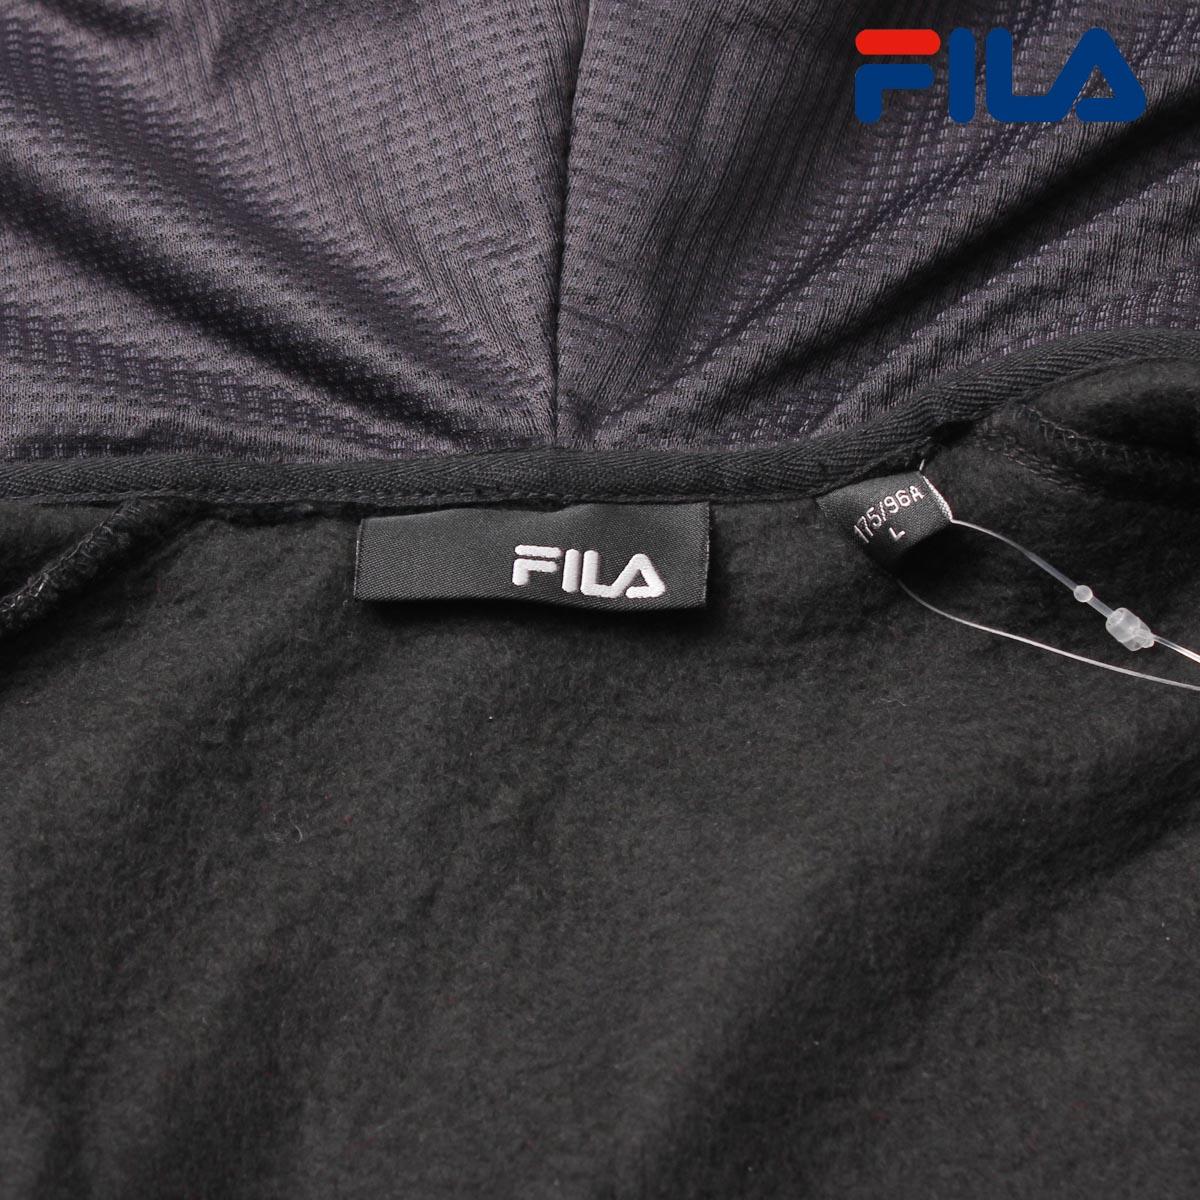 Спортивная толстовка Fila 6044212/3 6044212-3 Для мужчин Осень 2010